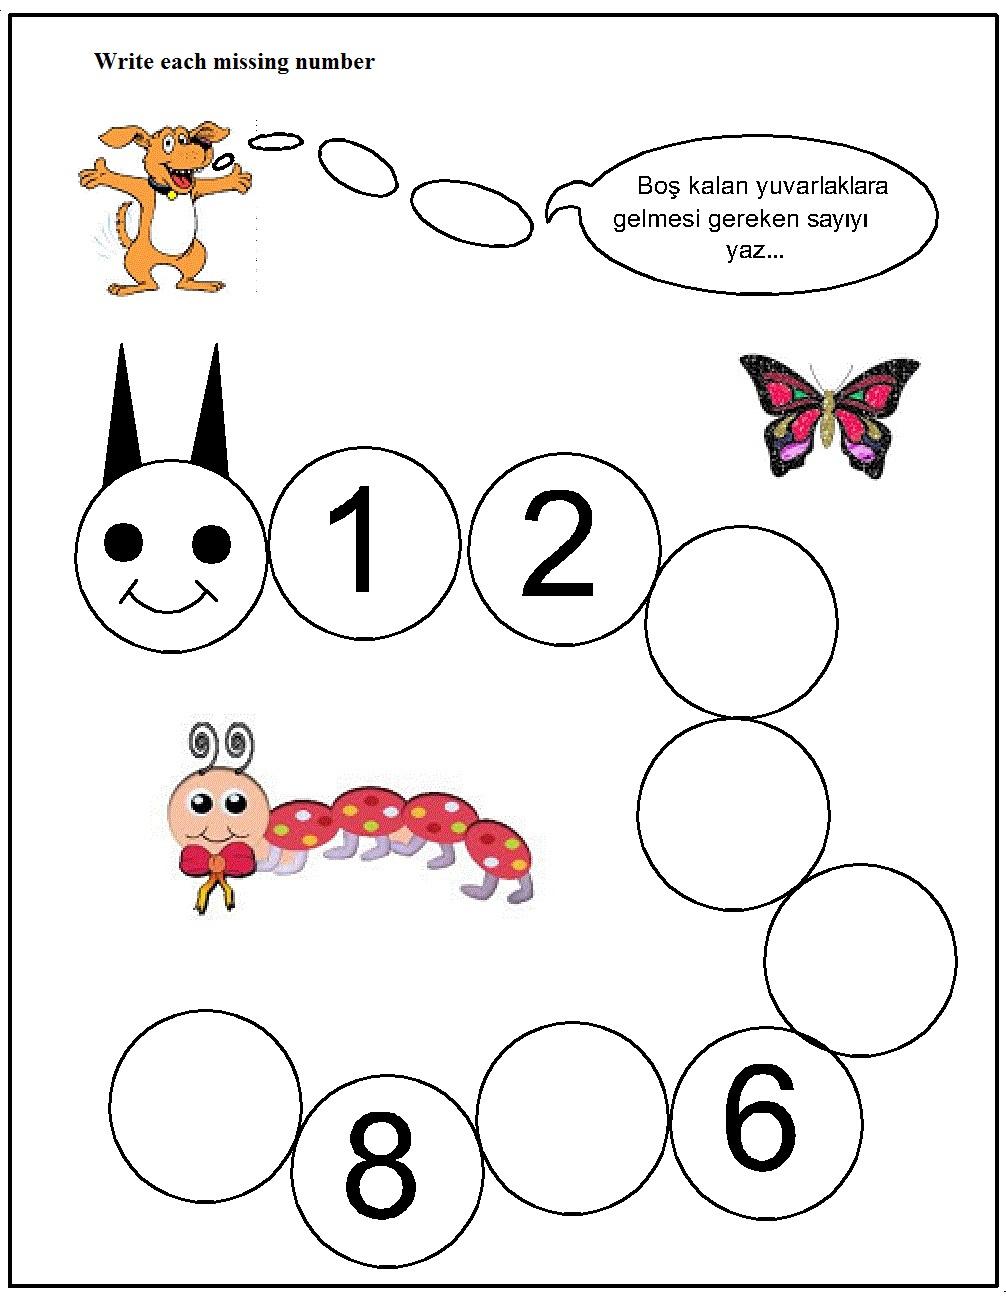 missing number worksheet for kids (6)